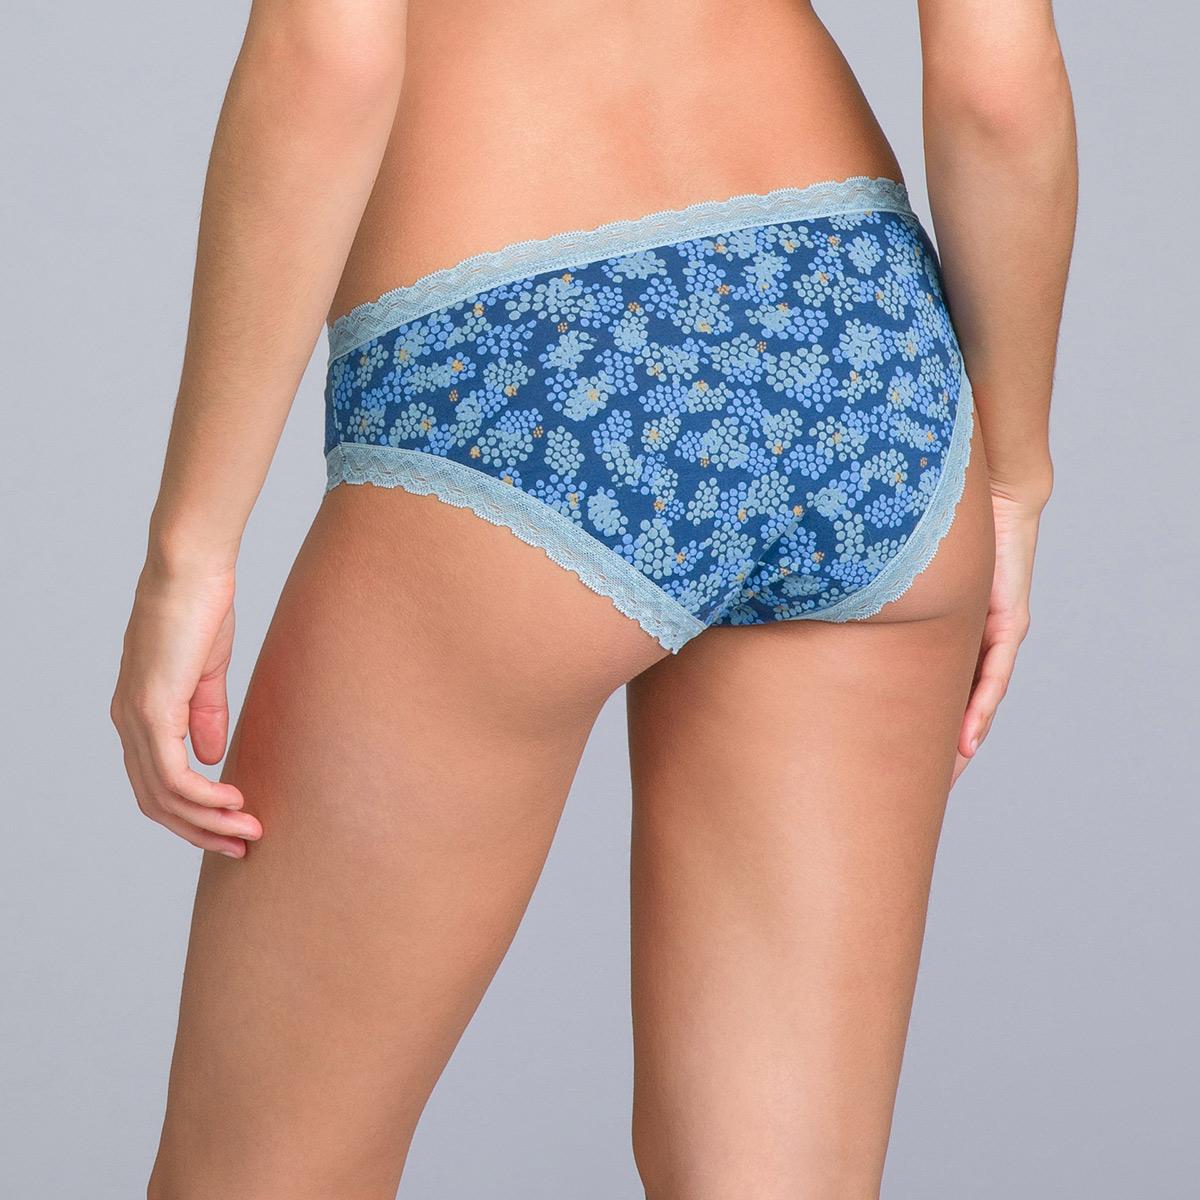 Pack of 2 Bikini Knickers in Blue Flower Print - Cotton Fancy - PLAYTEX